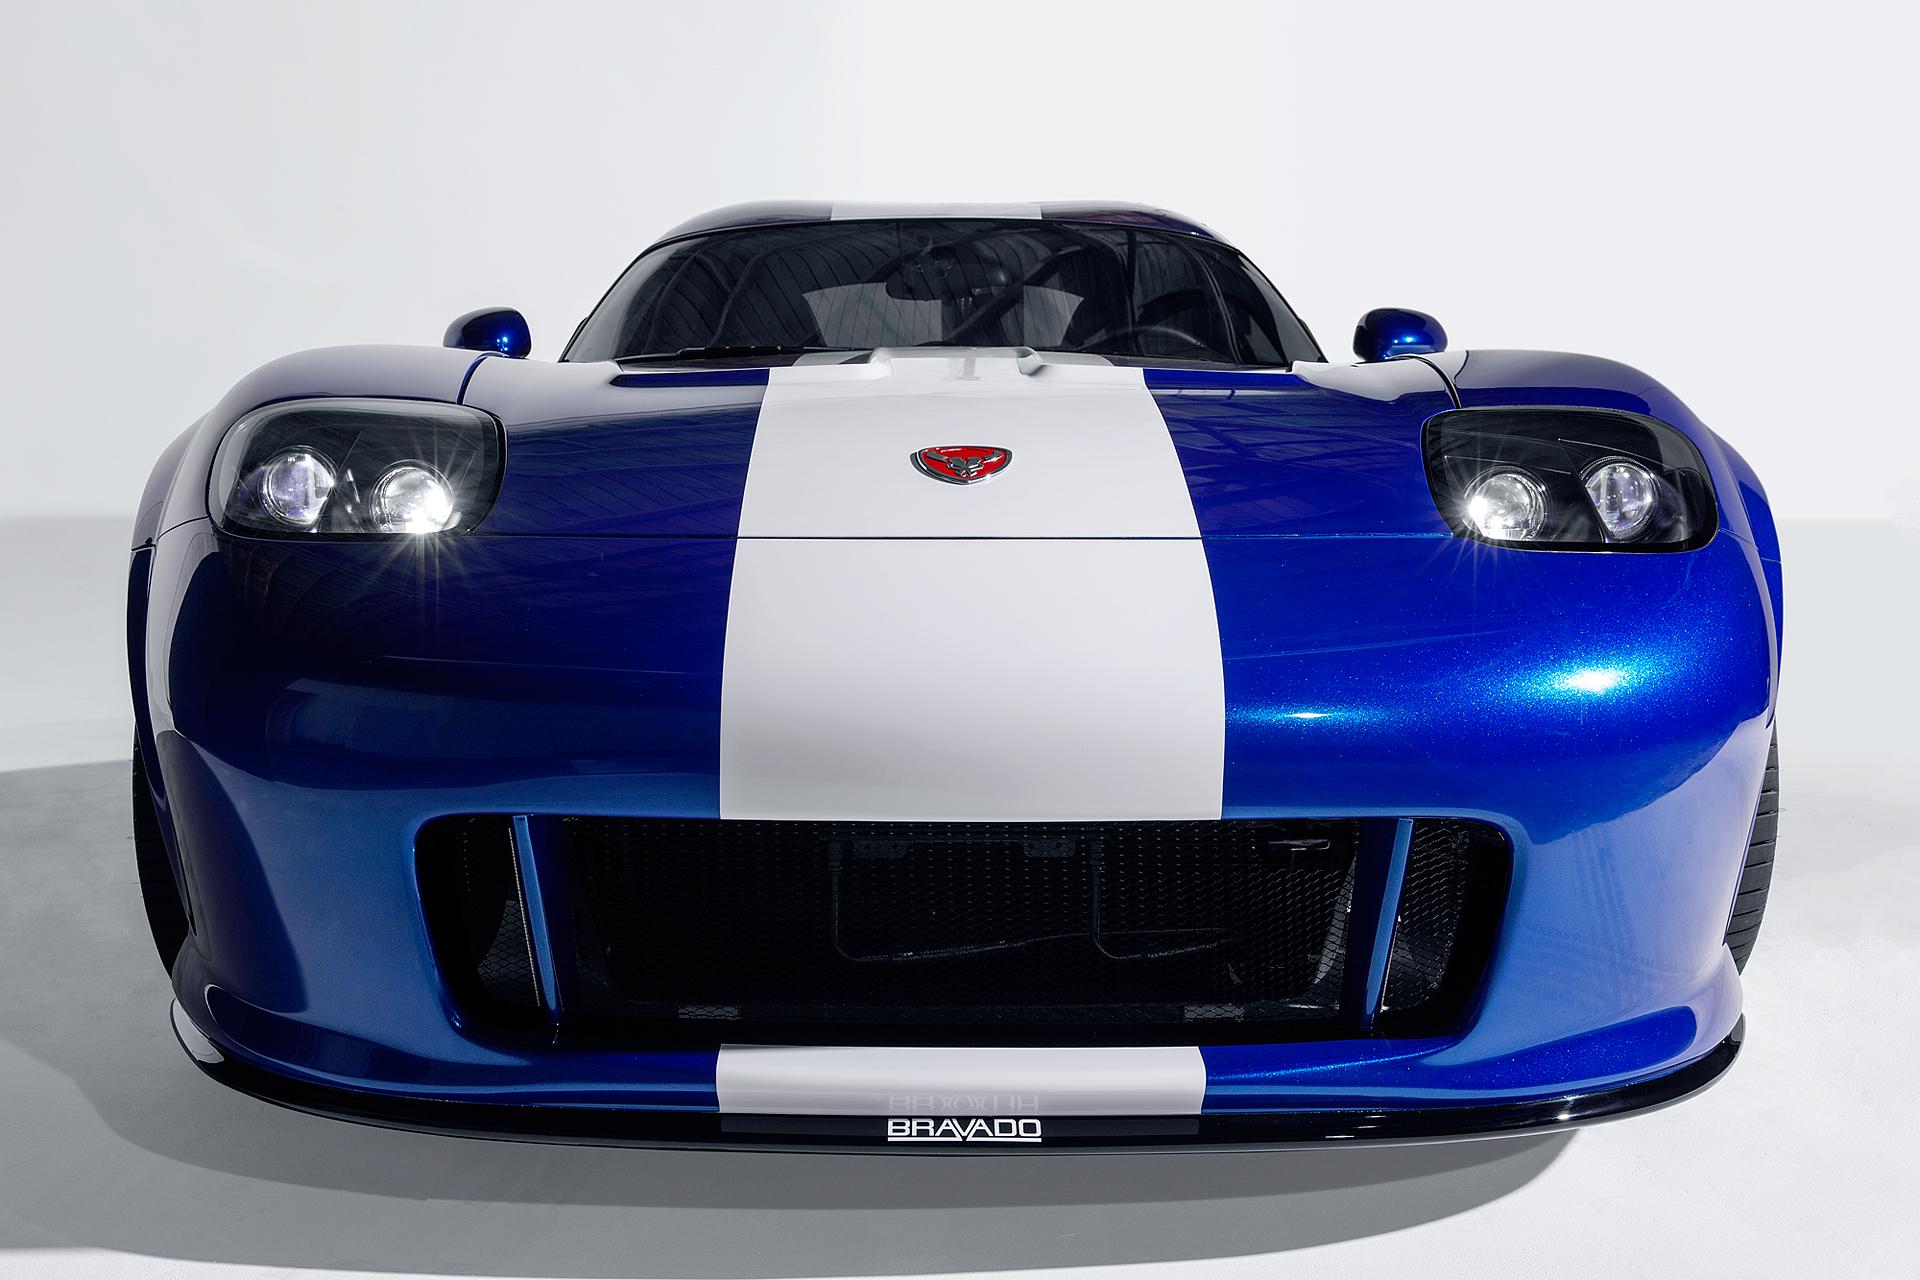 Rockstar Gamestop Giving Away Custom Sports Car From Gta V